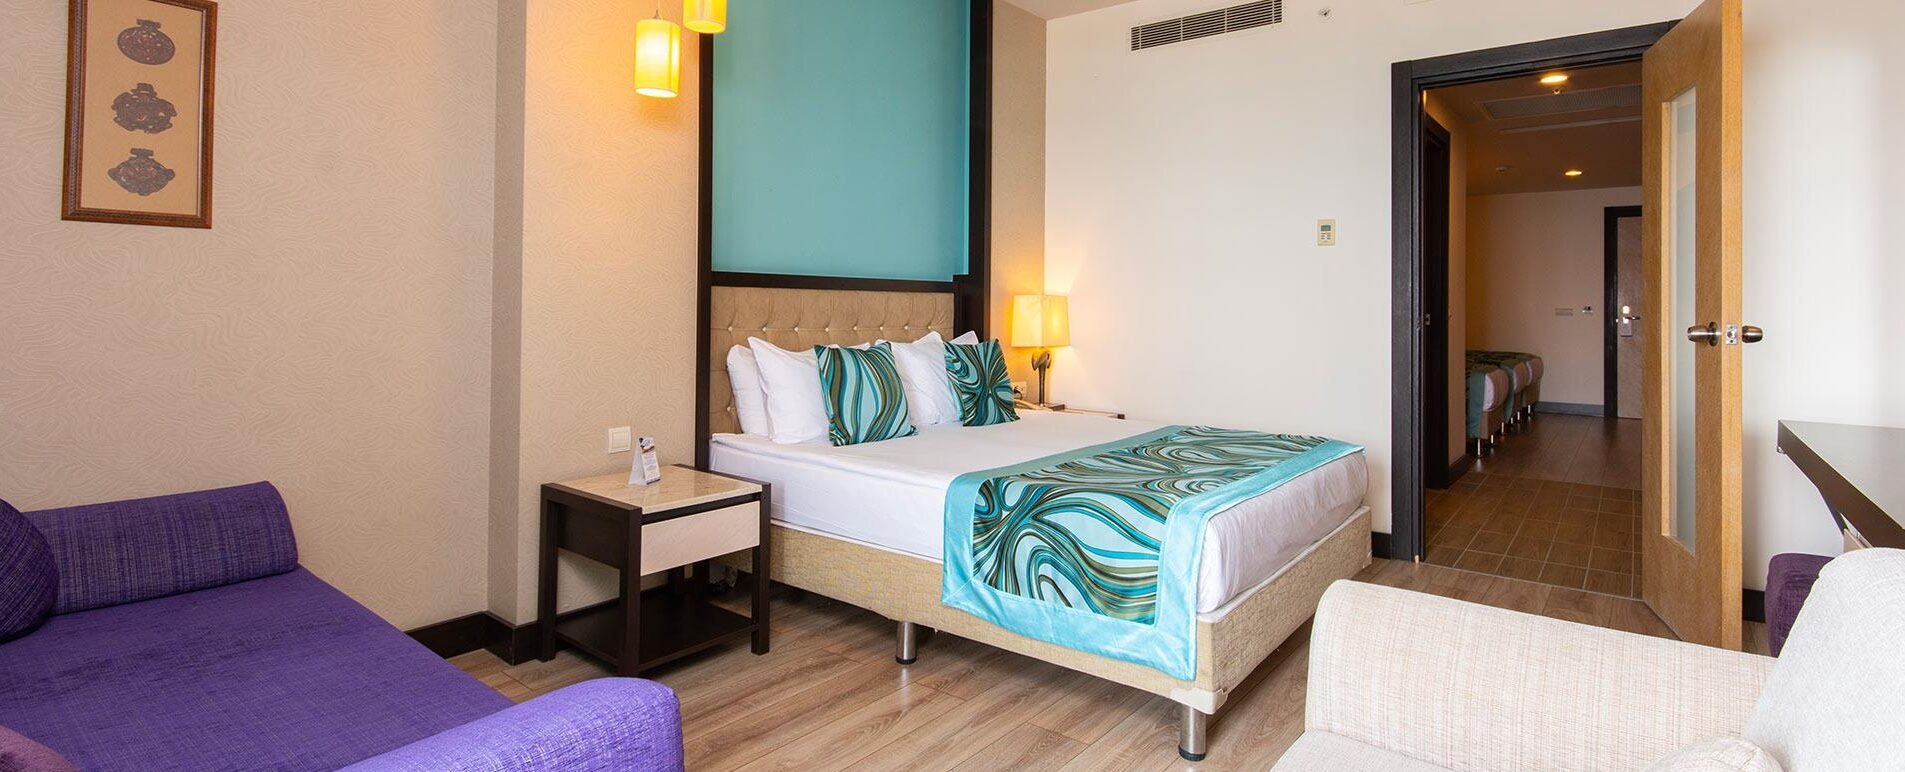 Отличный тур в Турцию. Orange County Resort Hotel Alanya 5*